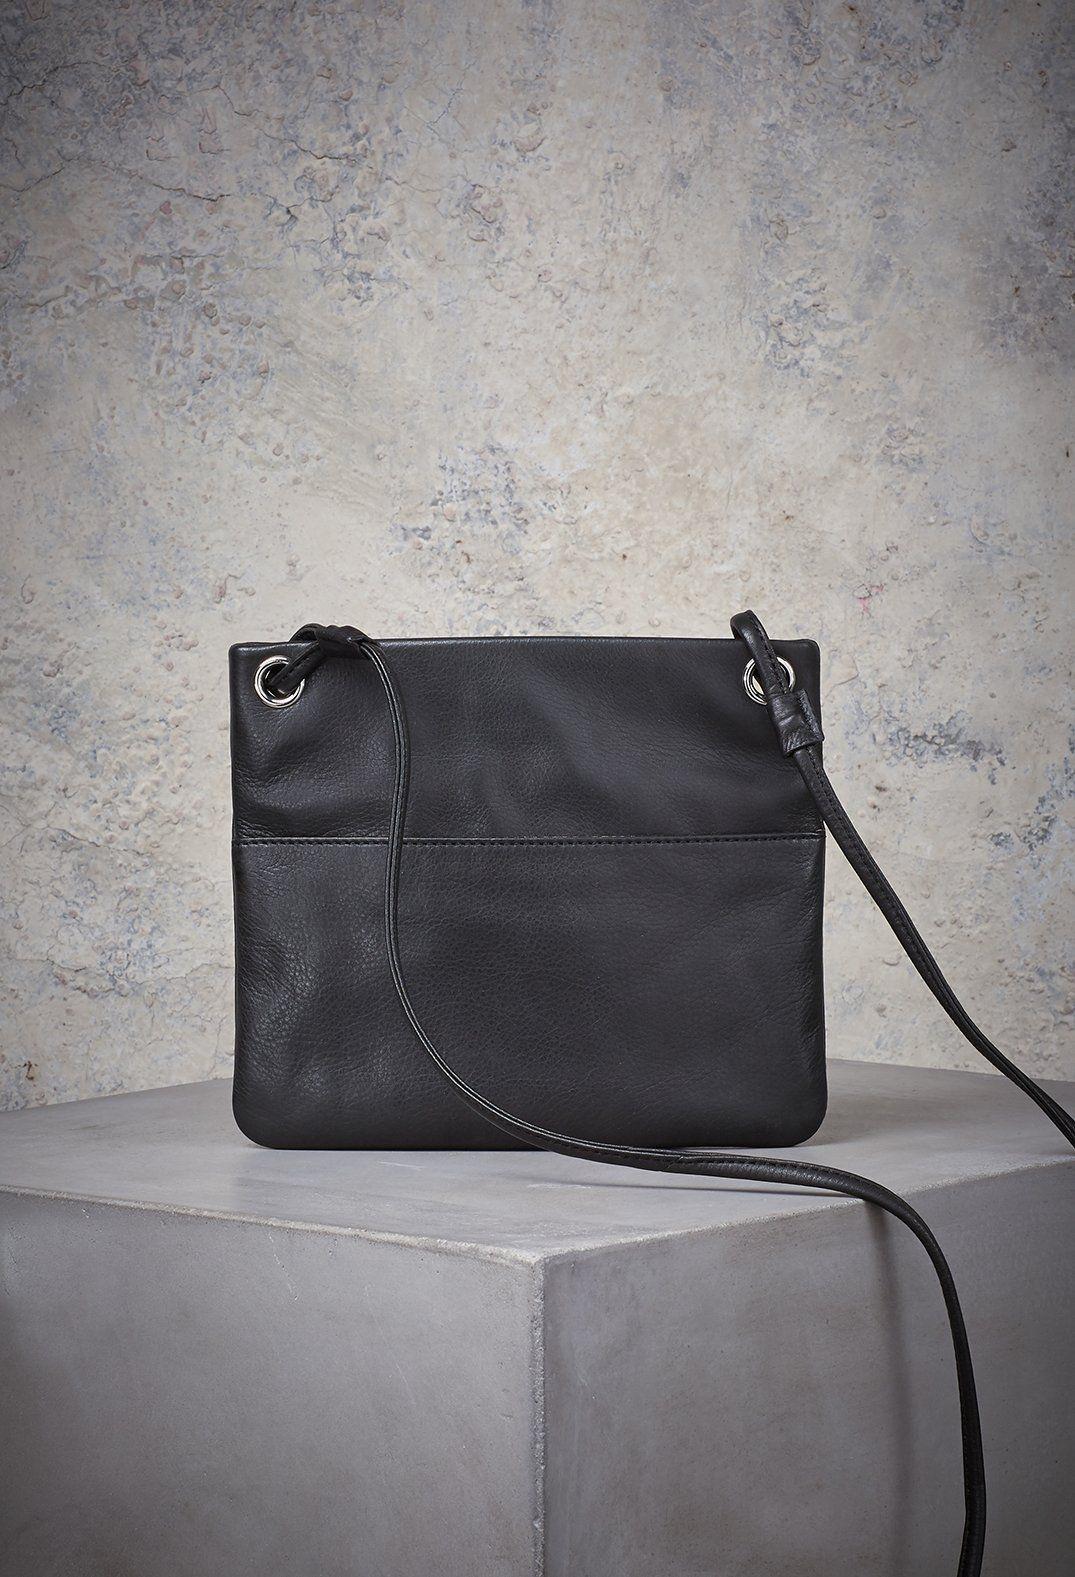 ca62bf282 Kari Mini Square Crossbody in Black | Products | Accessorize ...